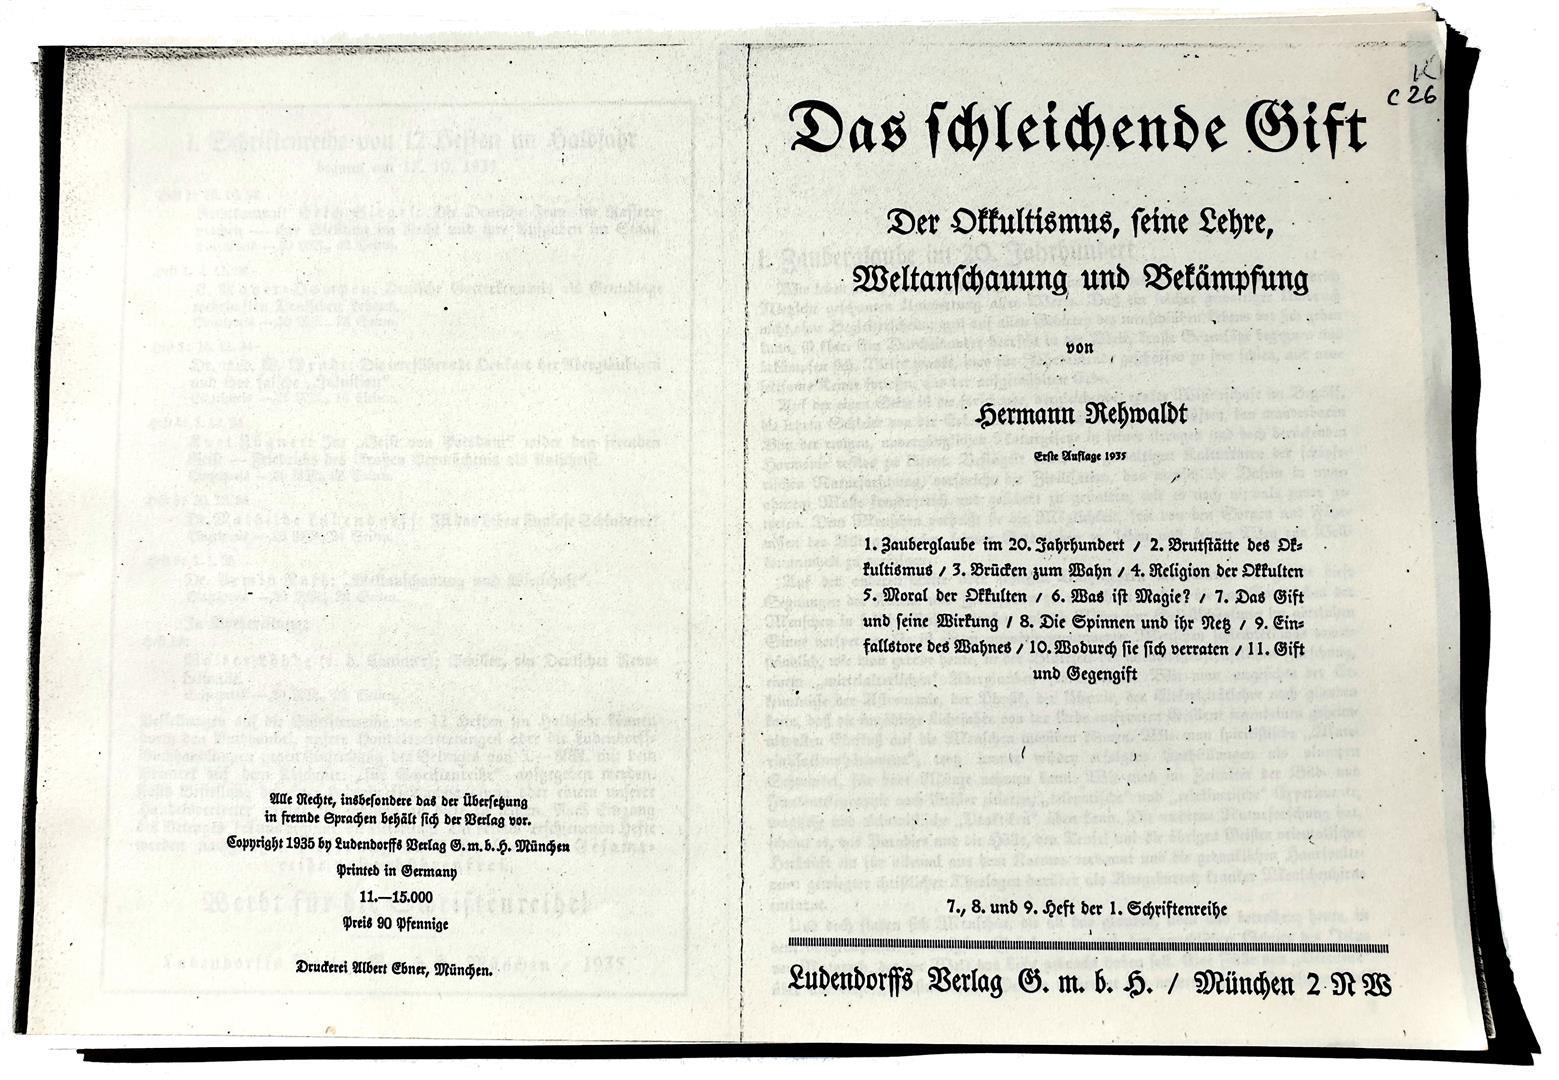 Hermann Rehwaldt, Das Schleichende Gift